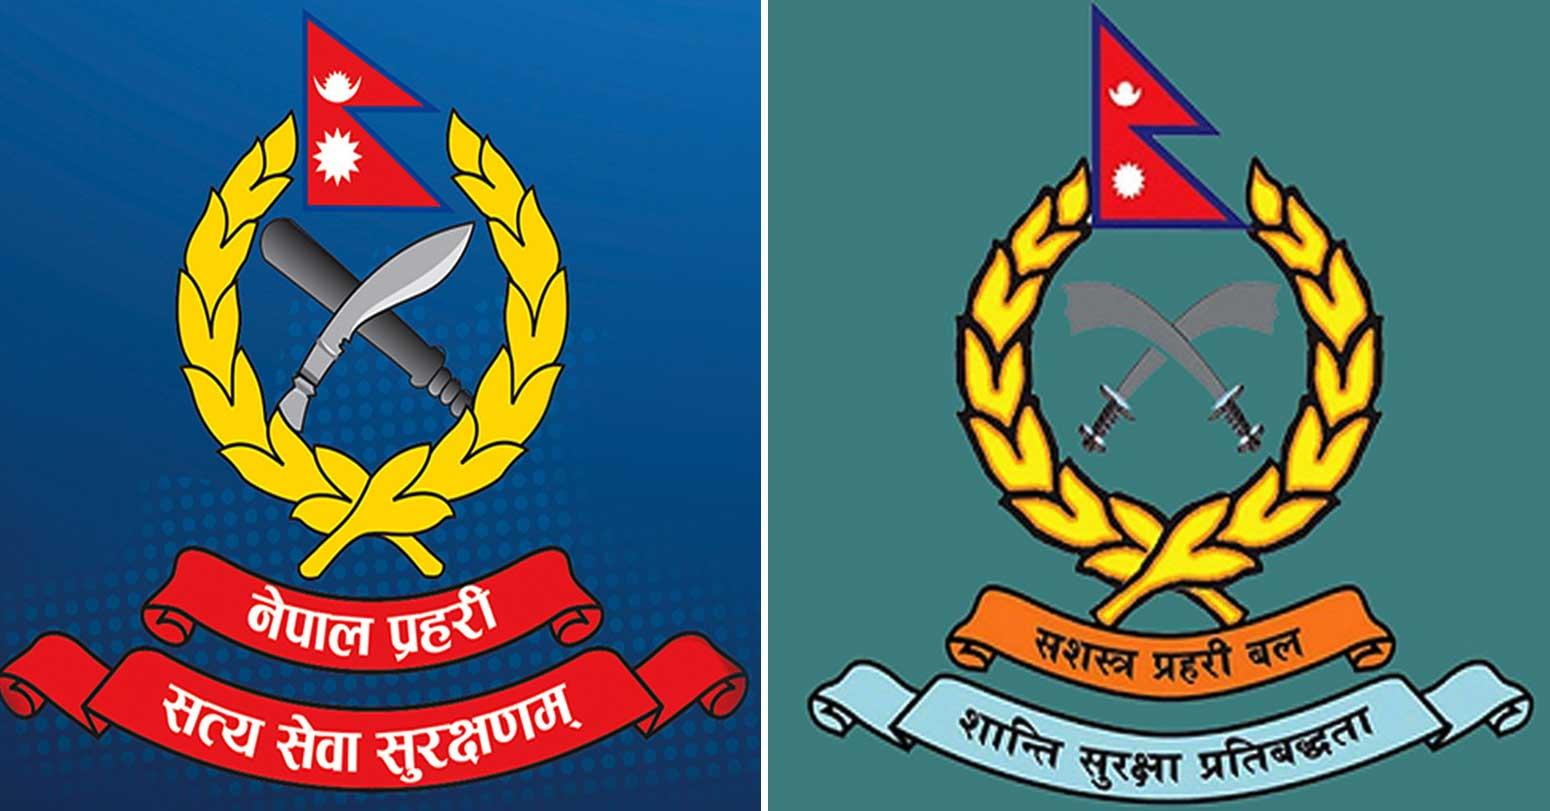 सरकारले विभेद गरेपछि नेपाल प्रहरी र सशस्त्र प्रहरीले काेराेना जाेखिम भत्ता नलिने